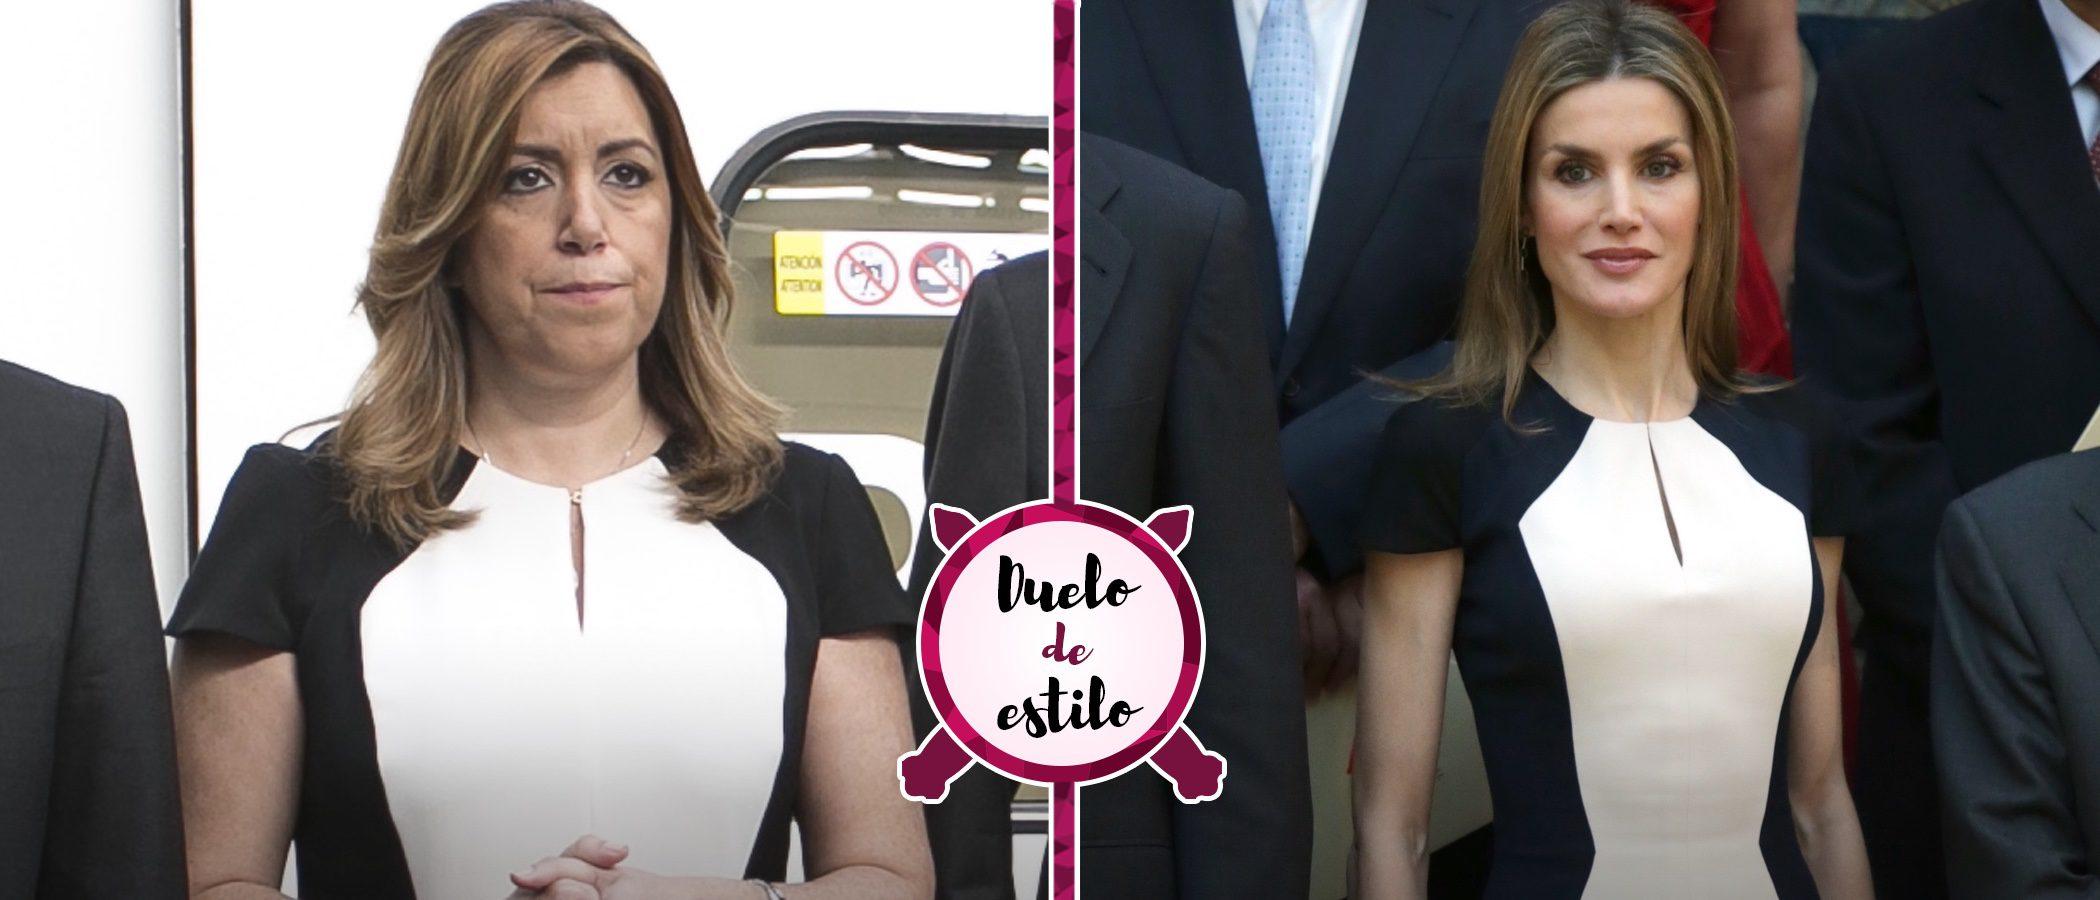 Susana Díaz y la Reina Letizia apuestan por el mismo Carolina Herrera. ¿Qué look es el ganador?